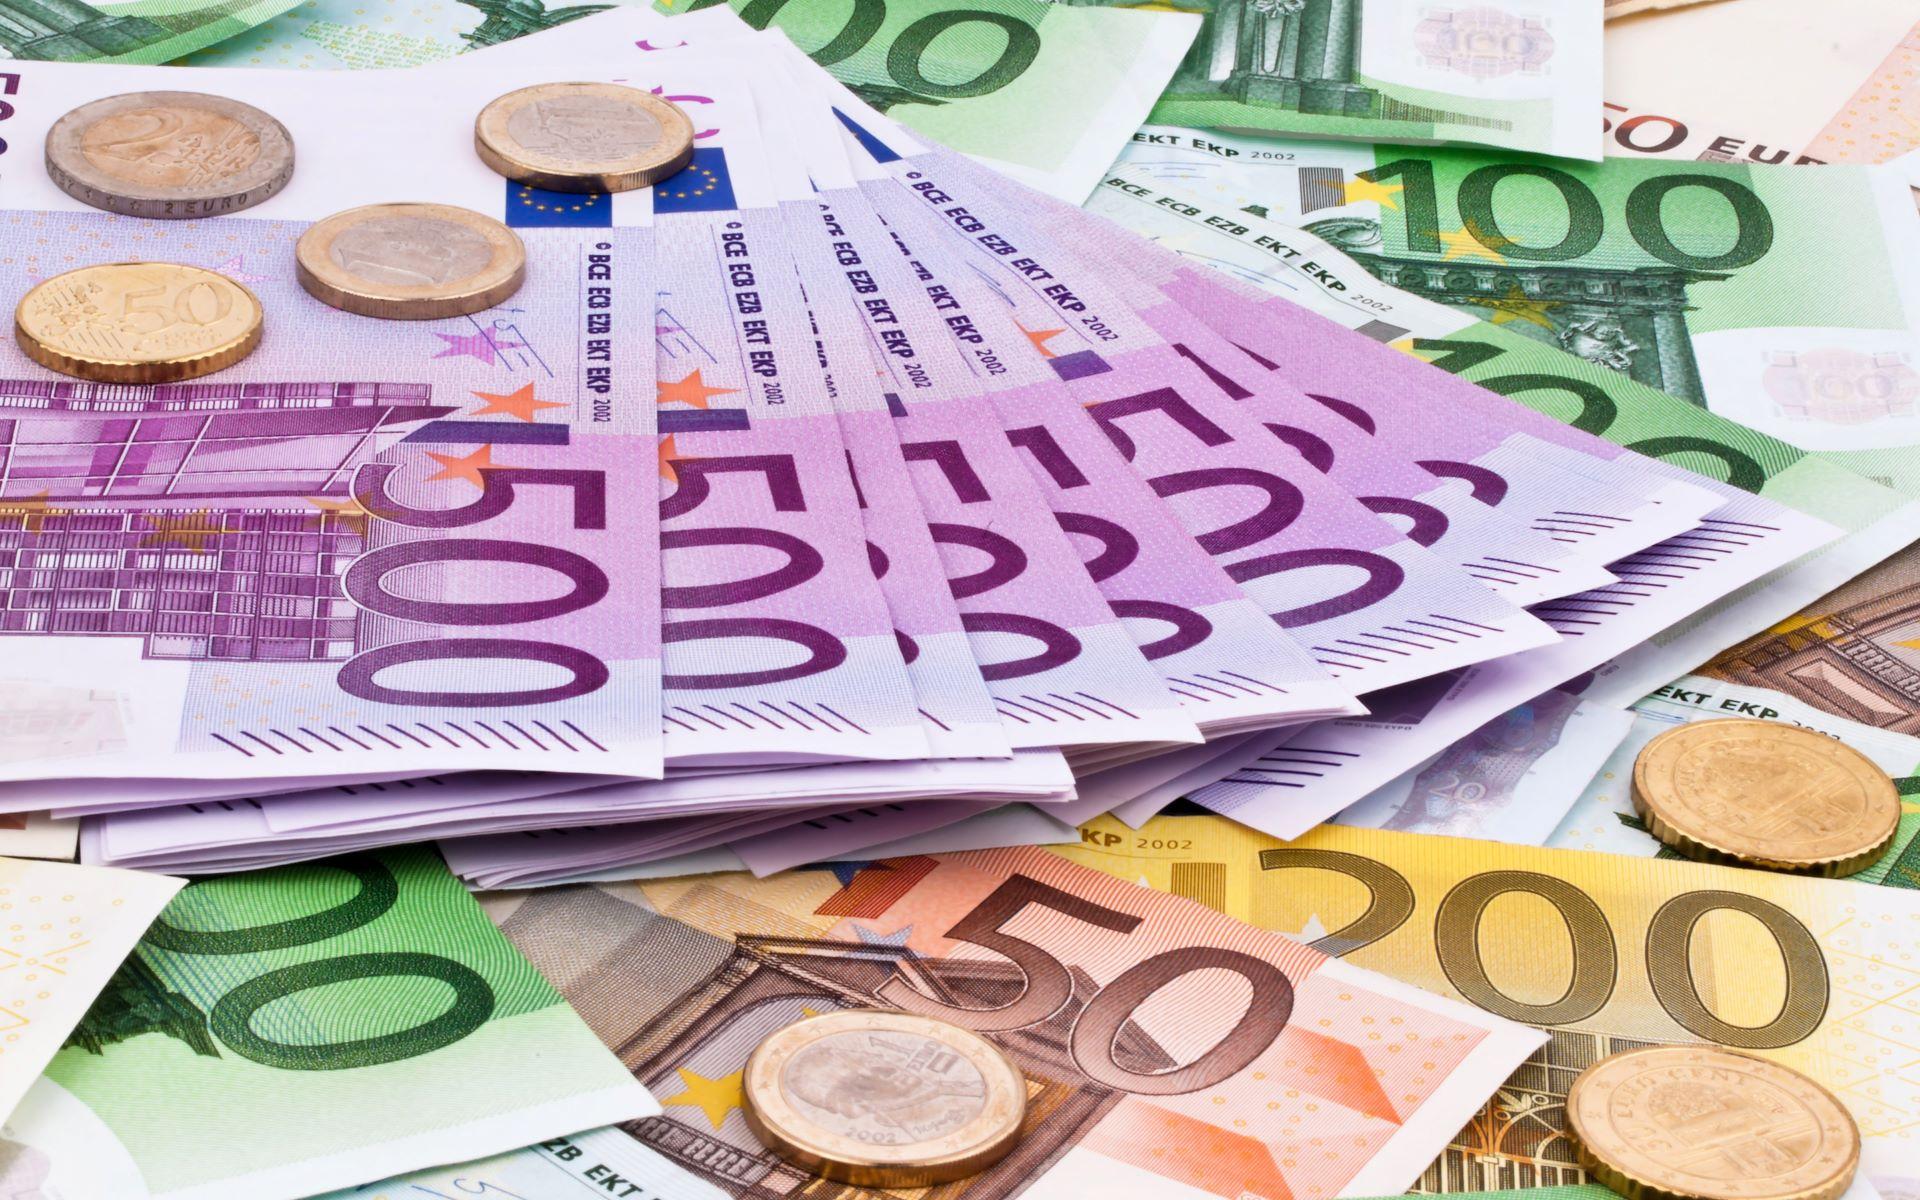 Συνταξιούχοι αναδρομικά : Ποιοι θα πληρωθούν αύριο και ποιοι Δεκέμβριο